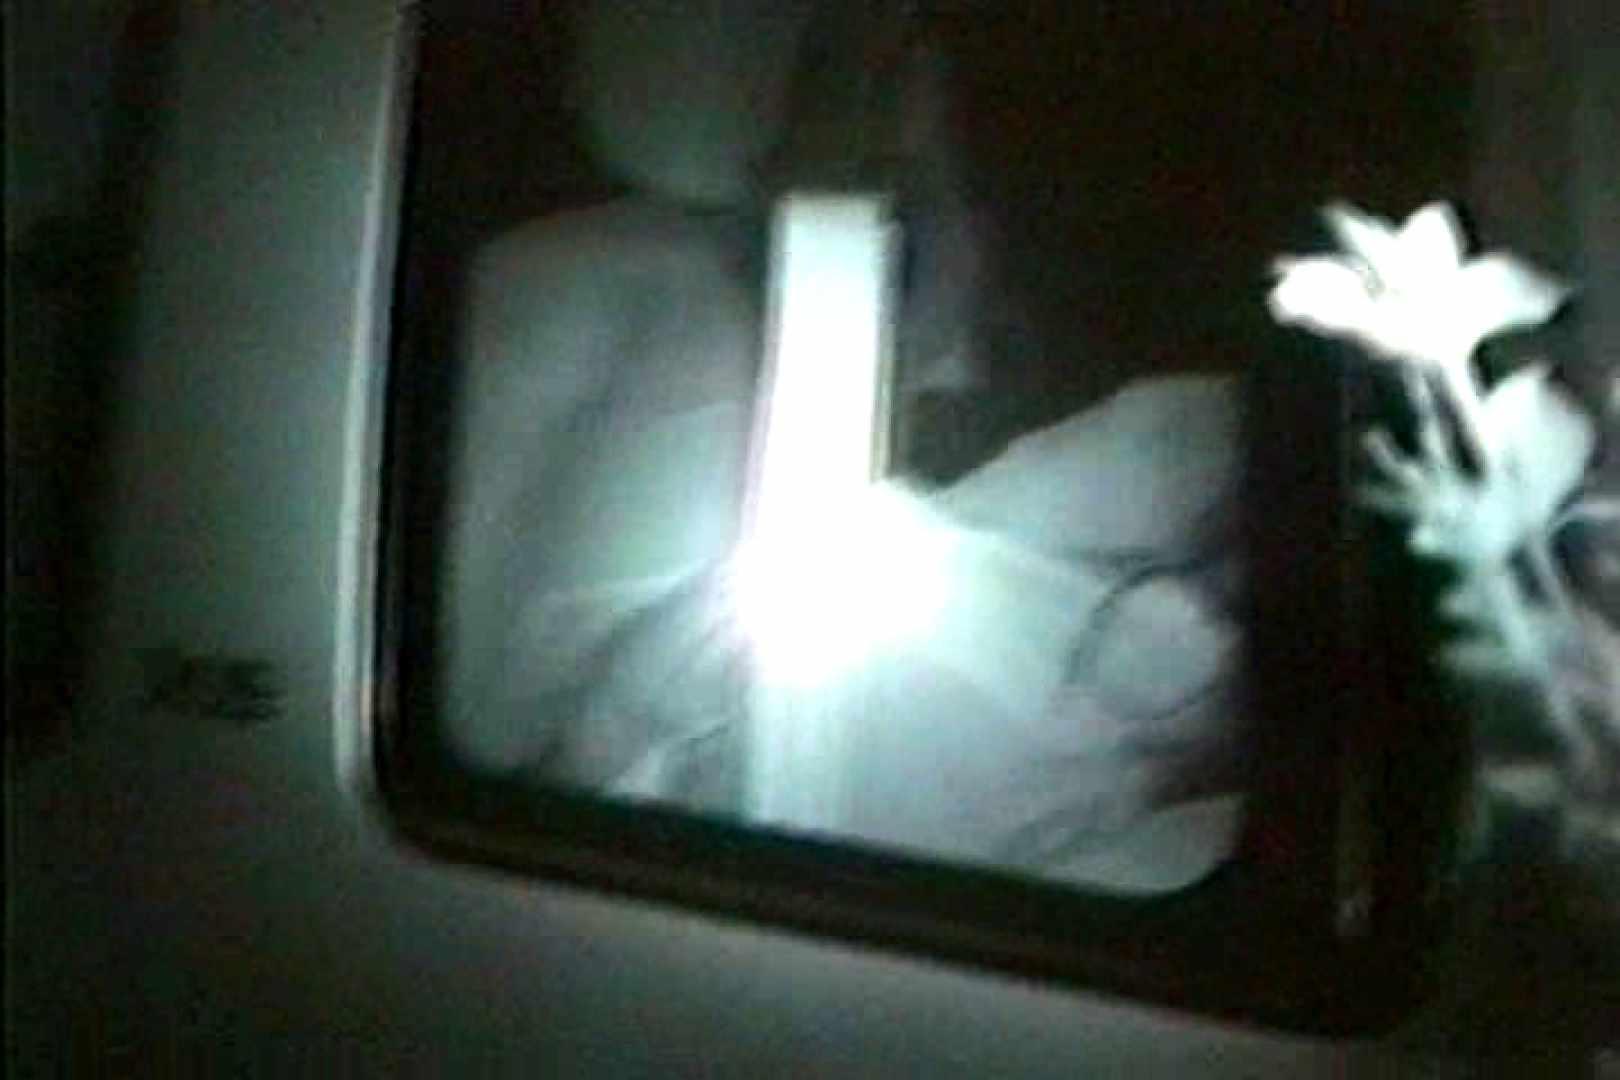 車の中はラブホテル 無修正版  Vol.6 カーセックス ワレメ動画紹介 89画像 29